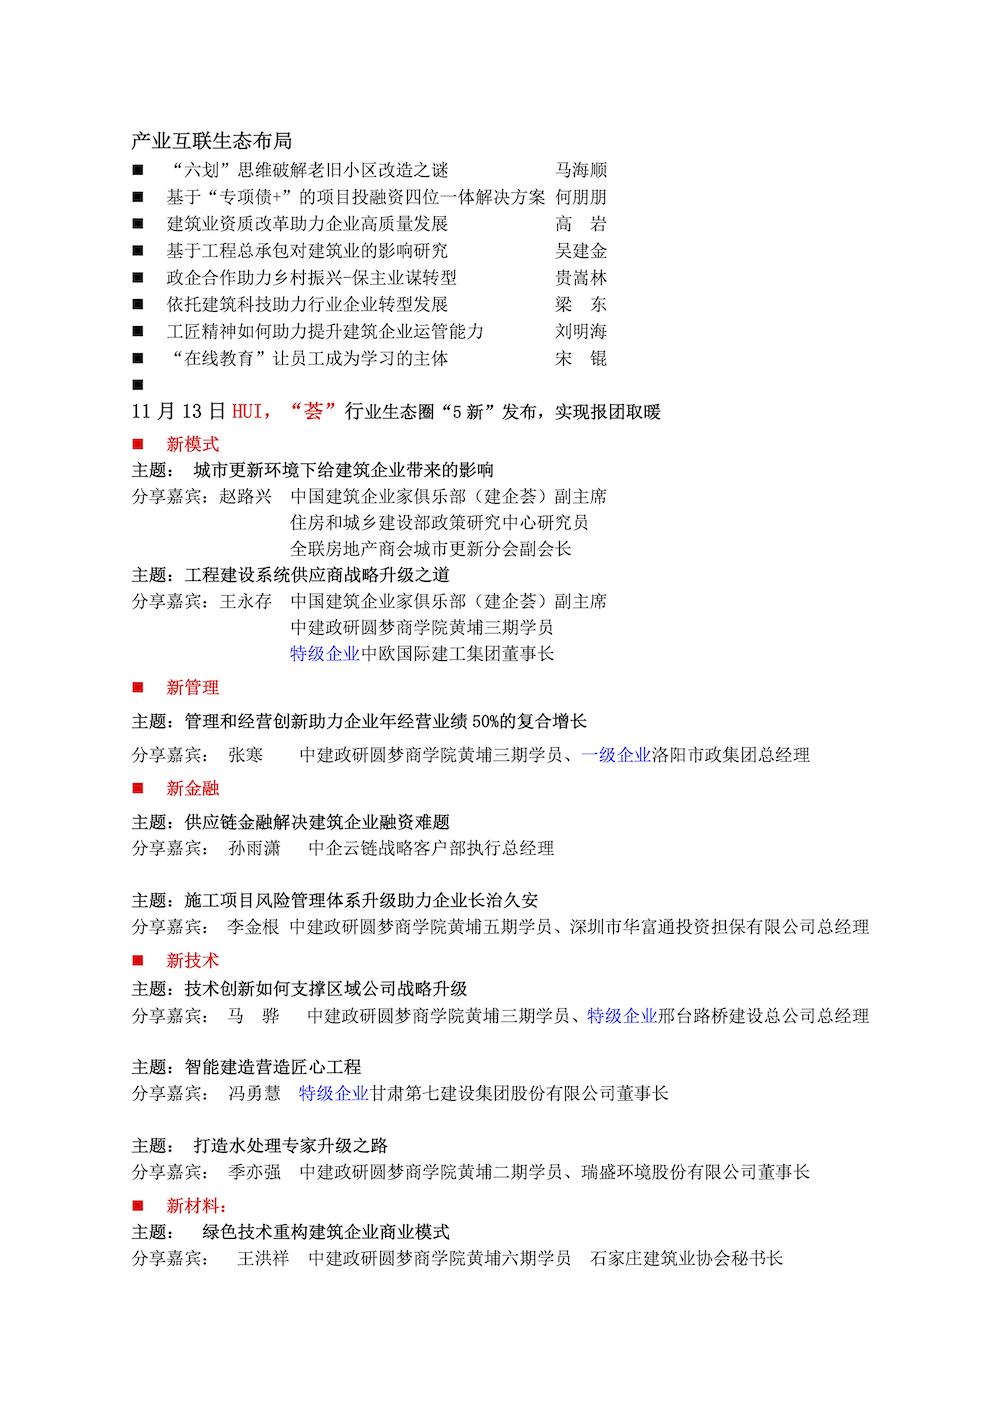 2020.11.12-14建企荟第一期活动文件2.jpg